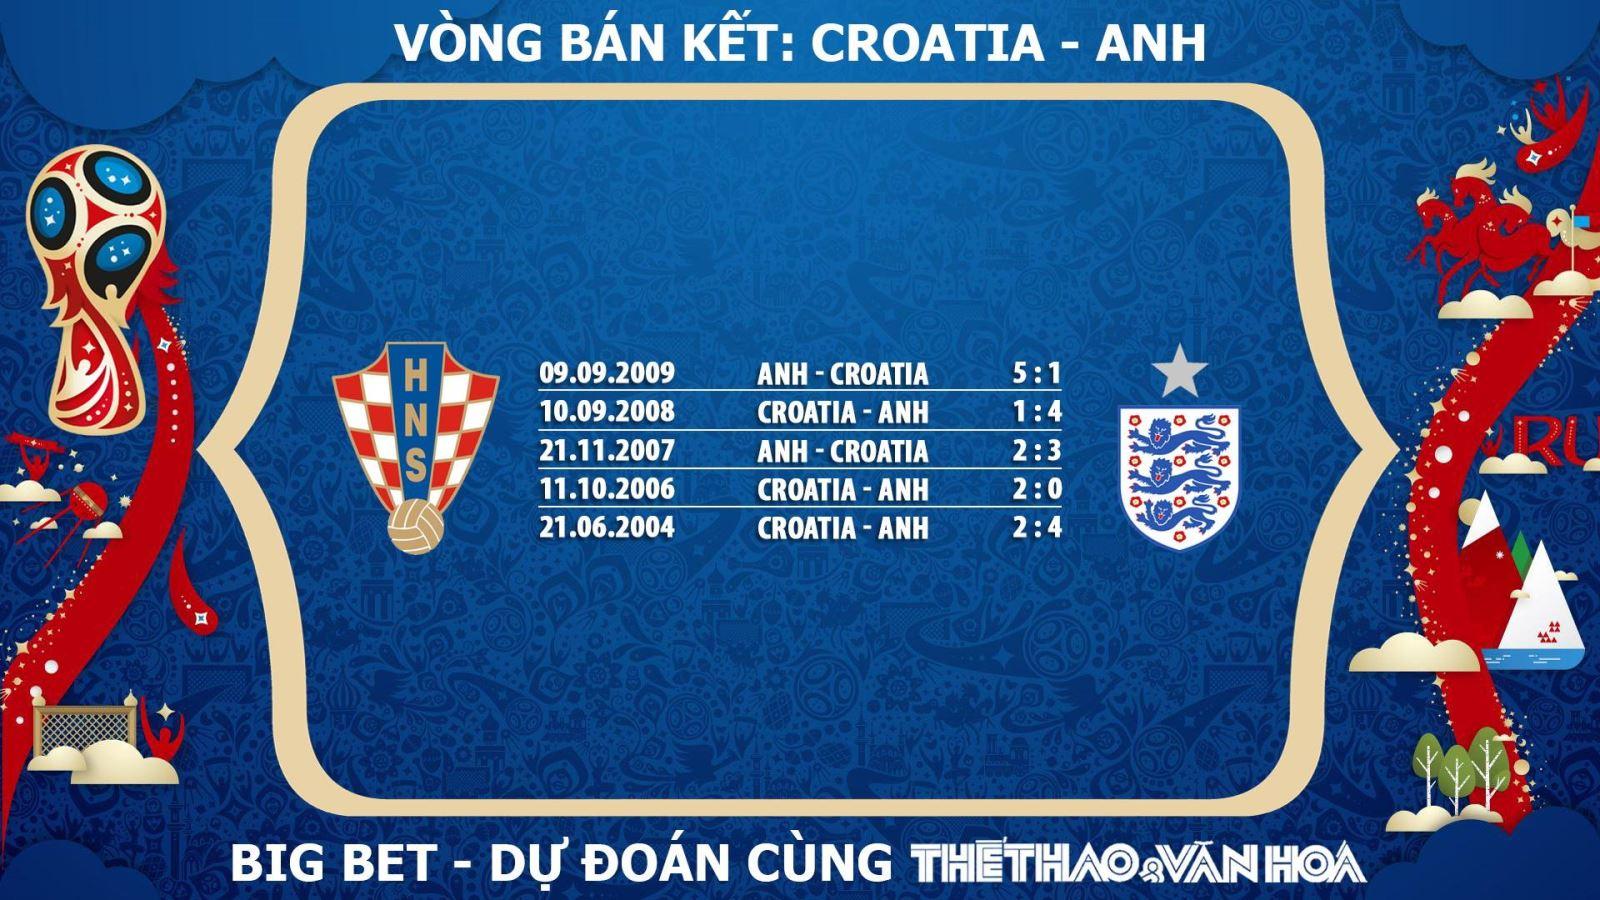 Xem trực tiếp trận Croatia vs Anh (01h00 ngày 12/7). TRỰC TIẾP VTV3 và VTV3 HD